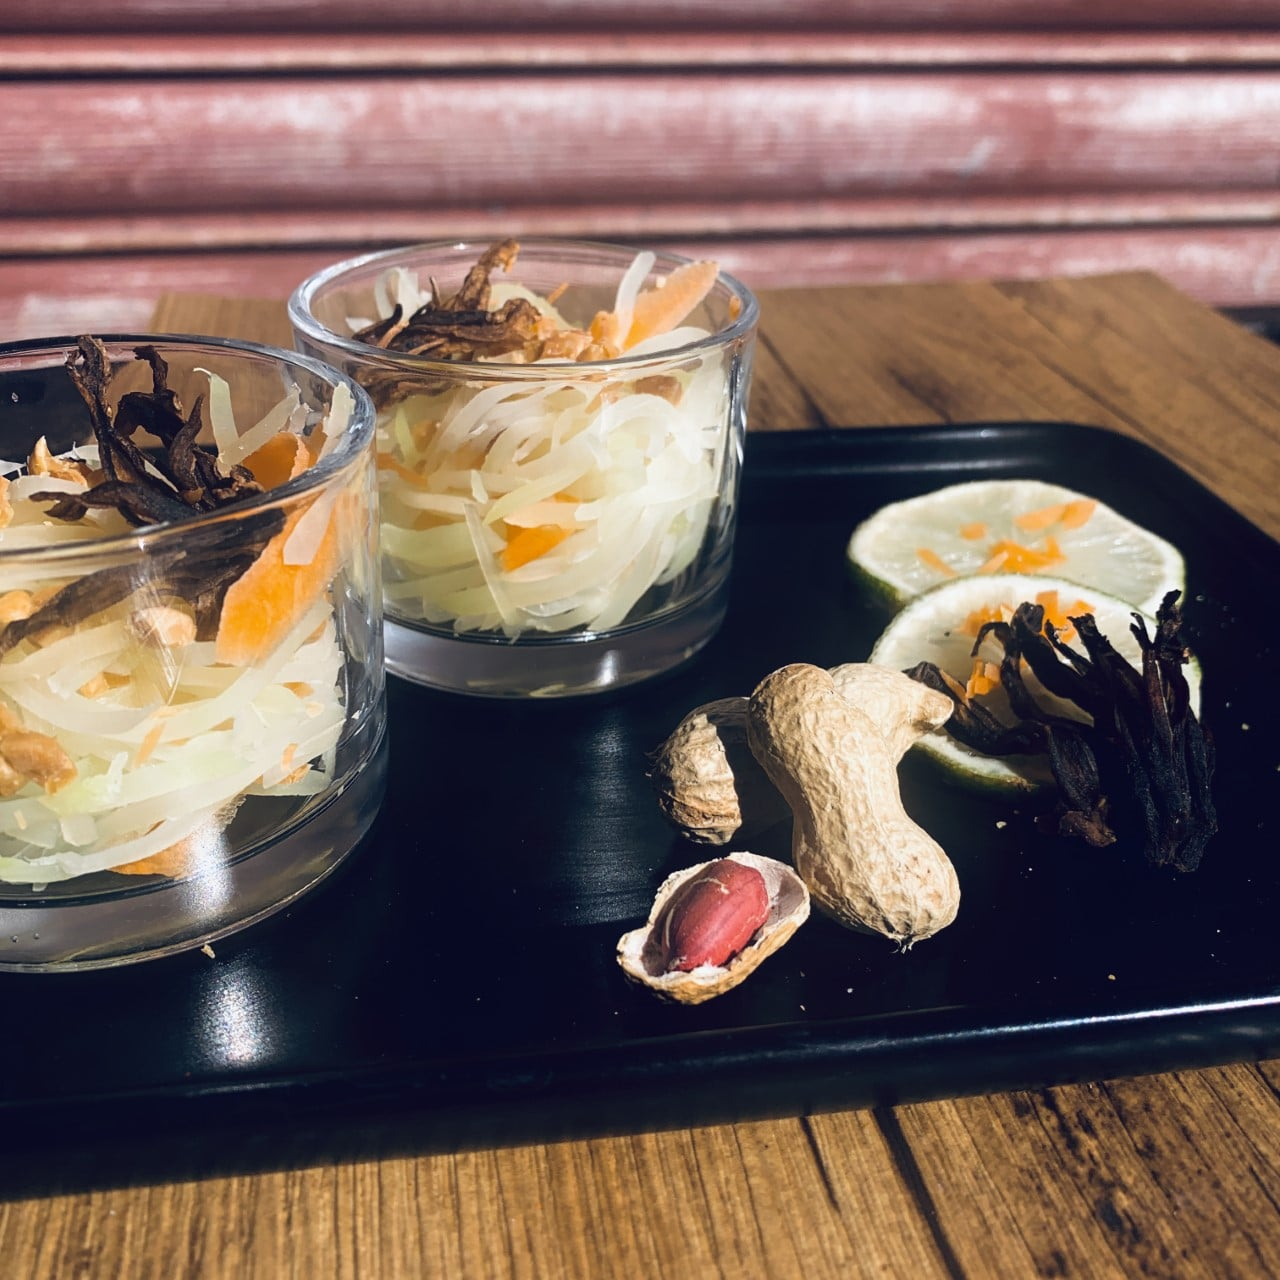 Rouleau de printemps, poulet gingembre miel, banane plantain, aloco.